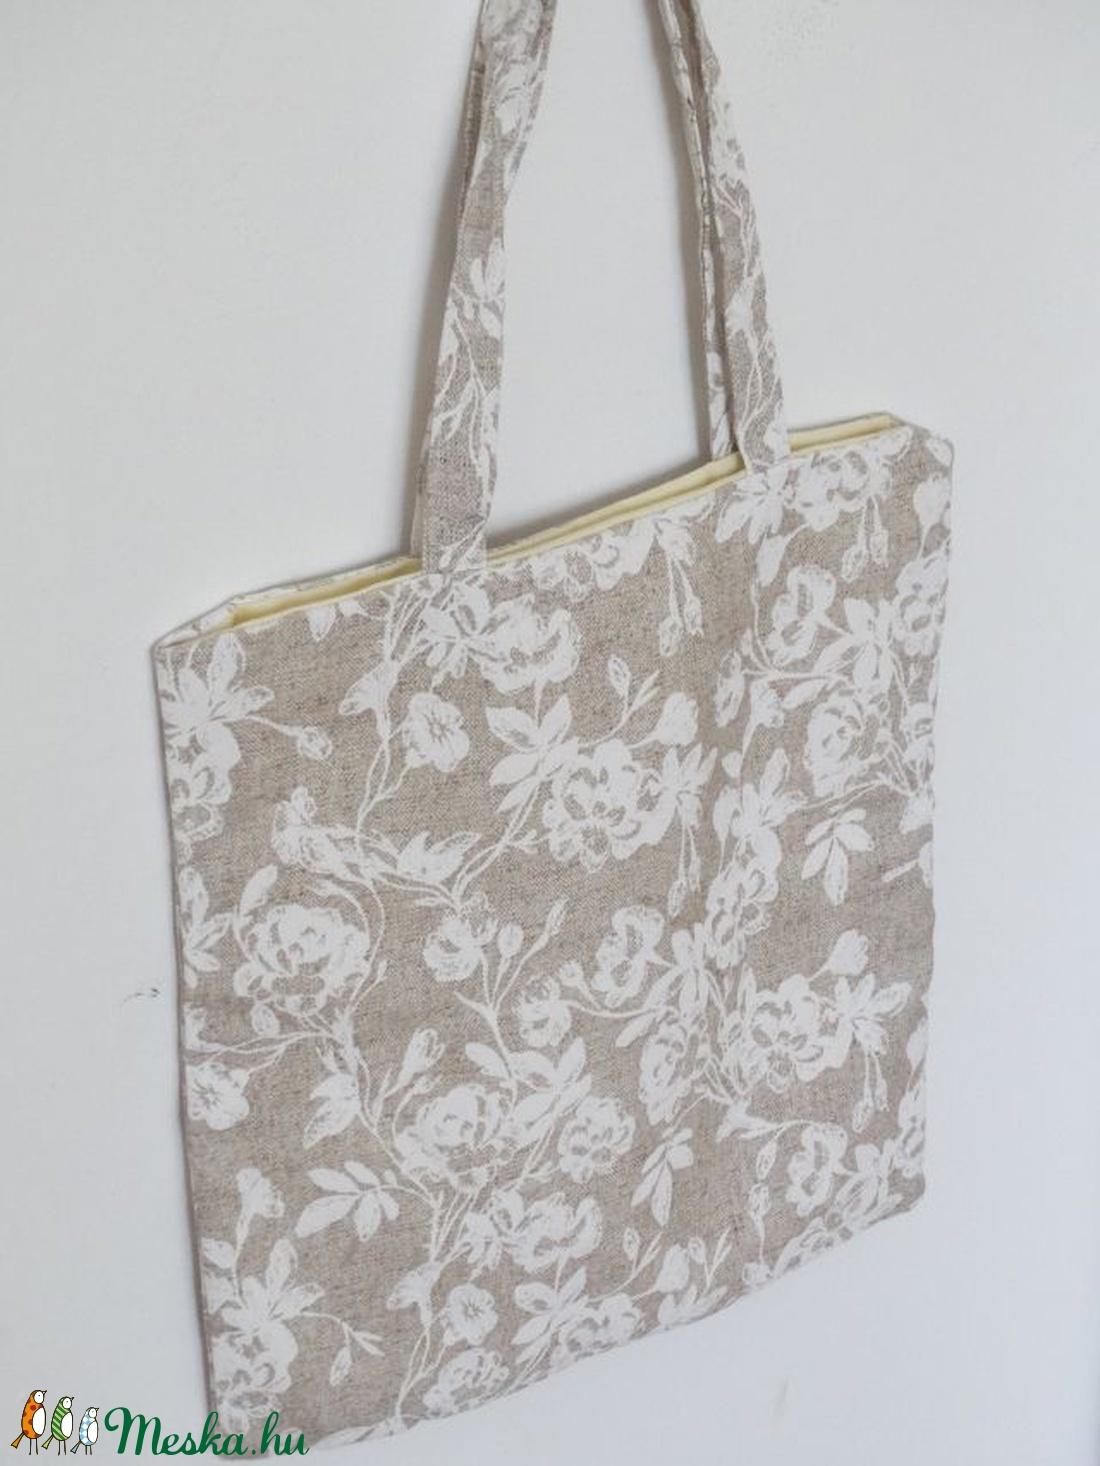 56338a8e47 Csipkeszerű virágos Bevásárló táska - Virágos bevásárlótáska - Virág mintás  Ökotáska - Csipkés Textil táska - shopper